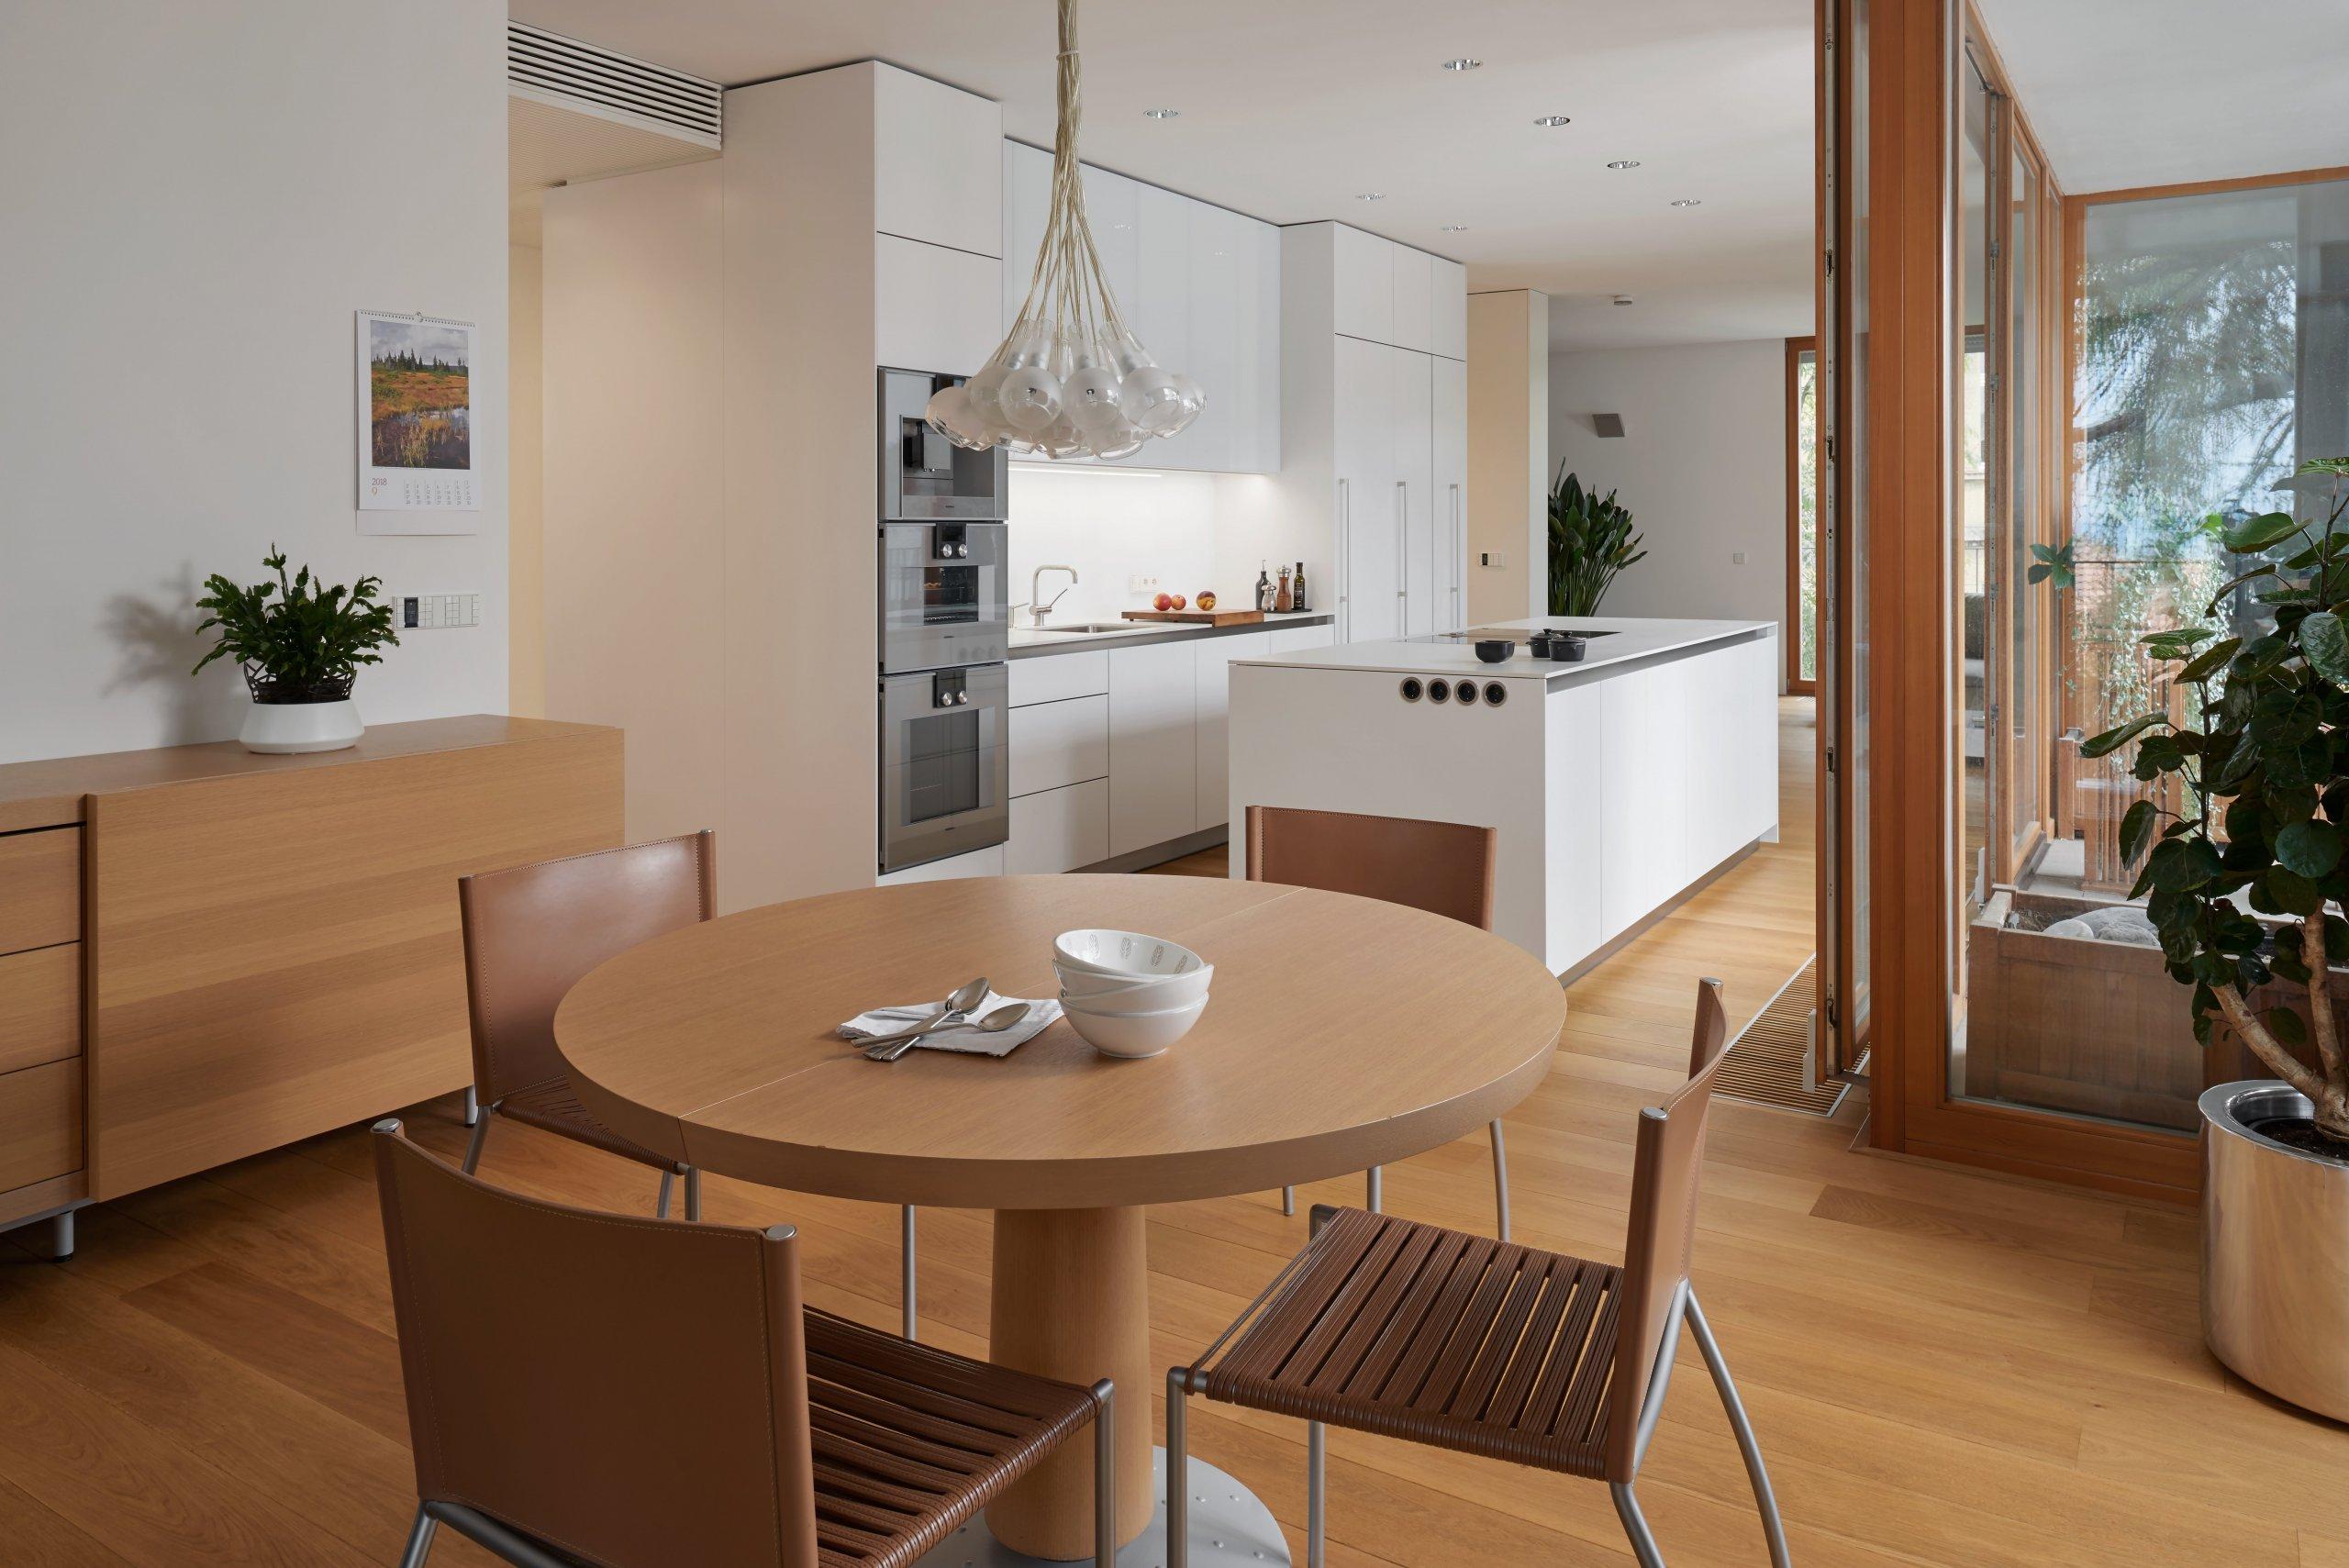 Příjemně velký byt na pražském Smíchově si majitelka přála zařídit především prakticky amoderně. Jeho zajímavým rysem byla lodžie jakoby vtisknutá do…